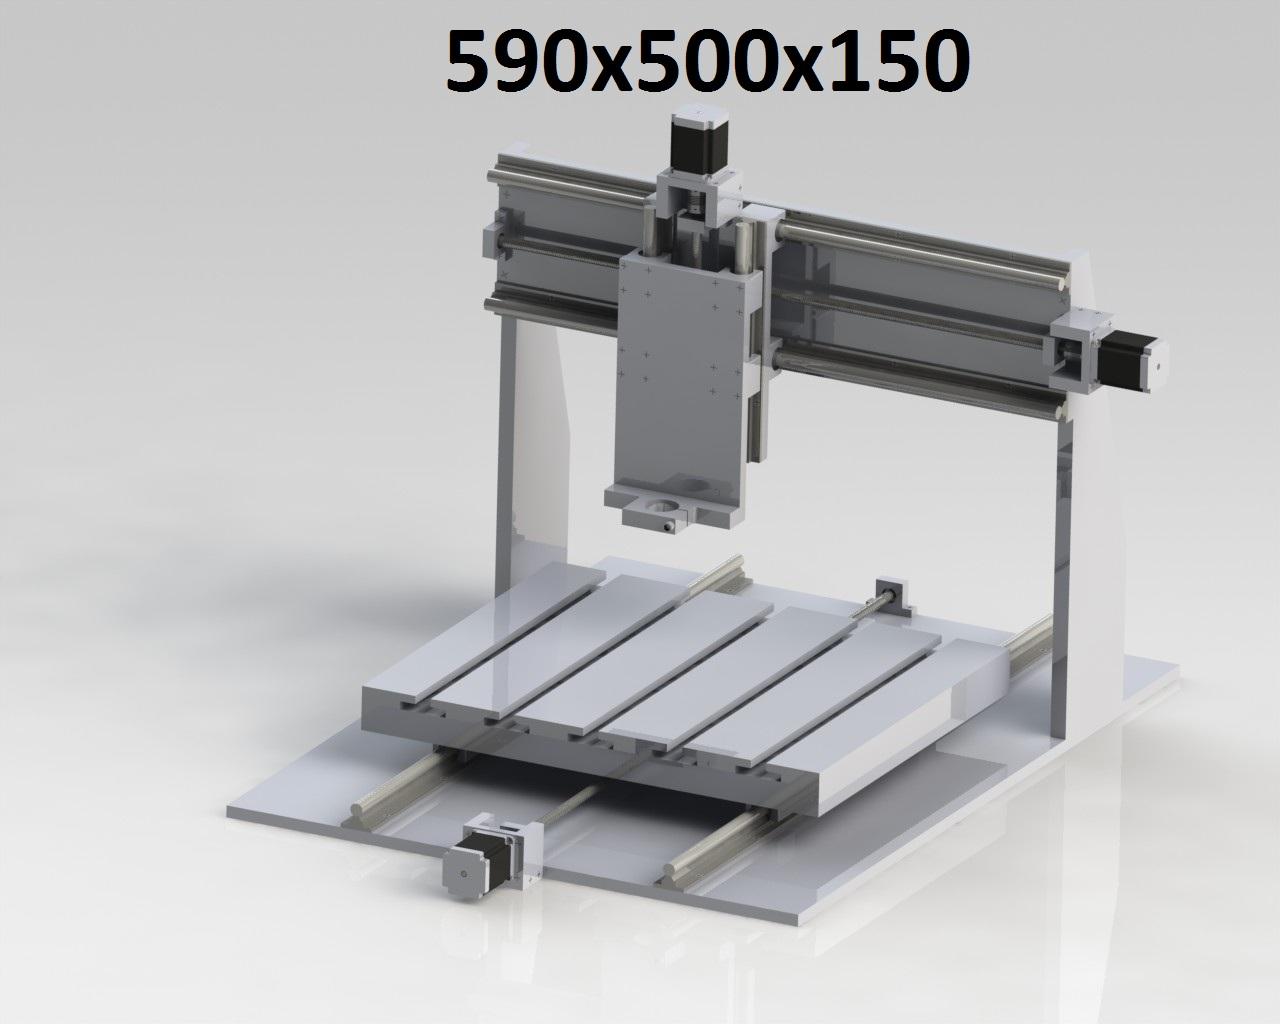 Cudowna Sprzedam] Projekty frezarek CNC, tokarka CNC - elektroda.pl SO51